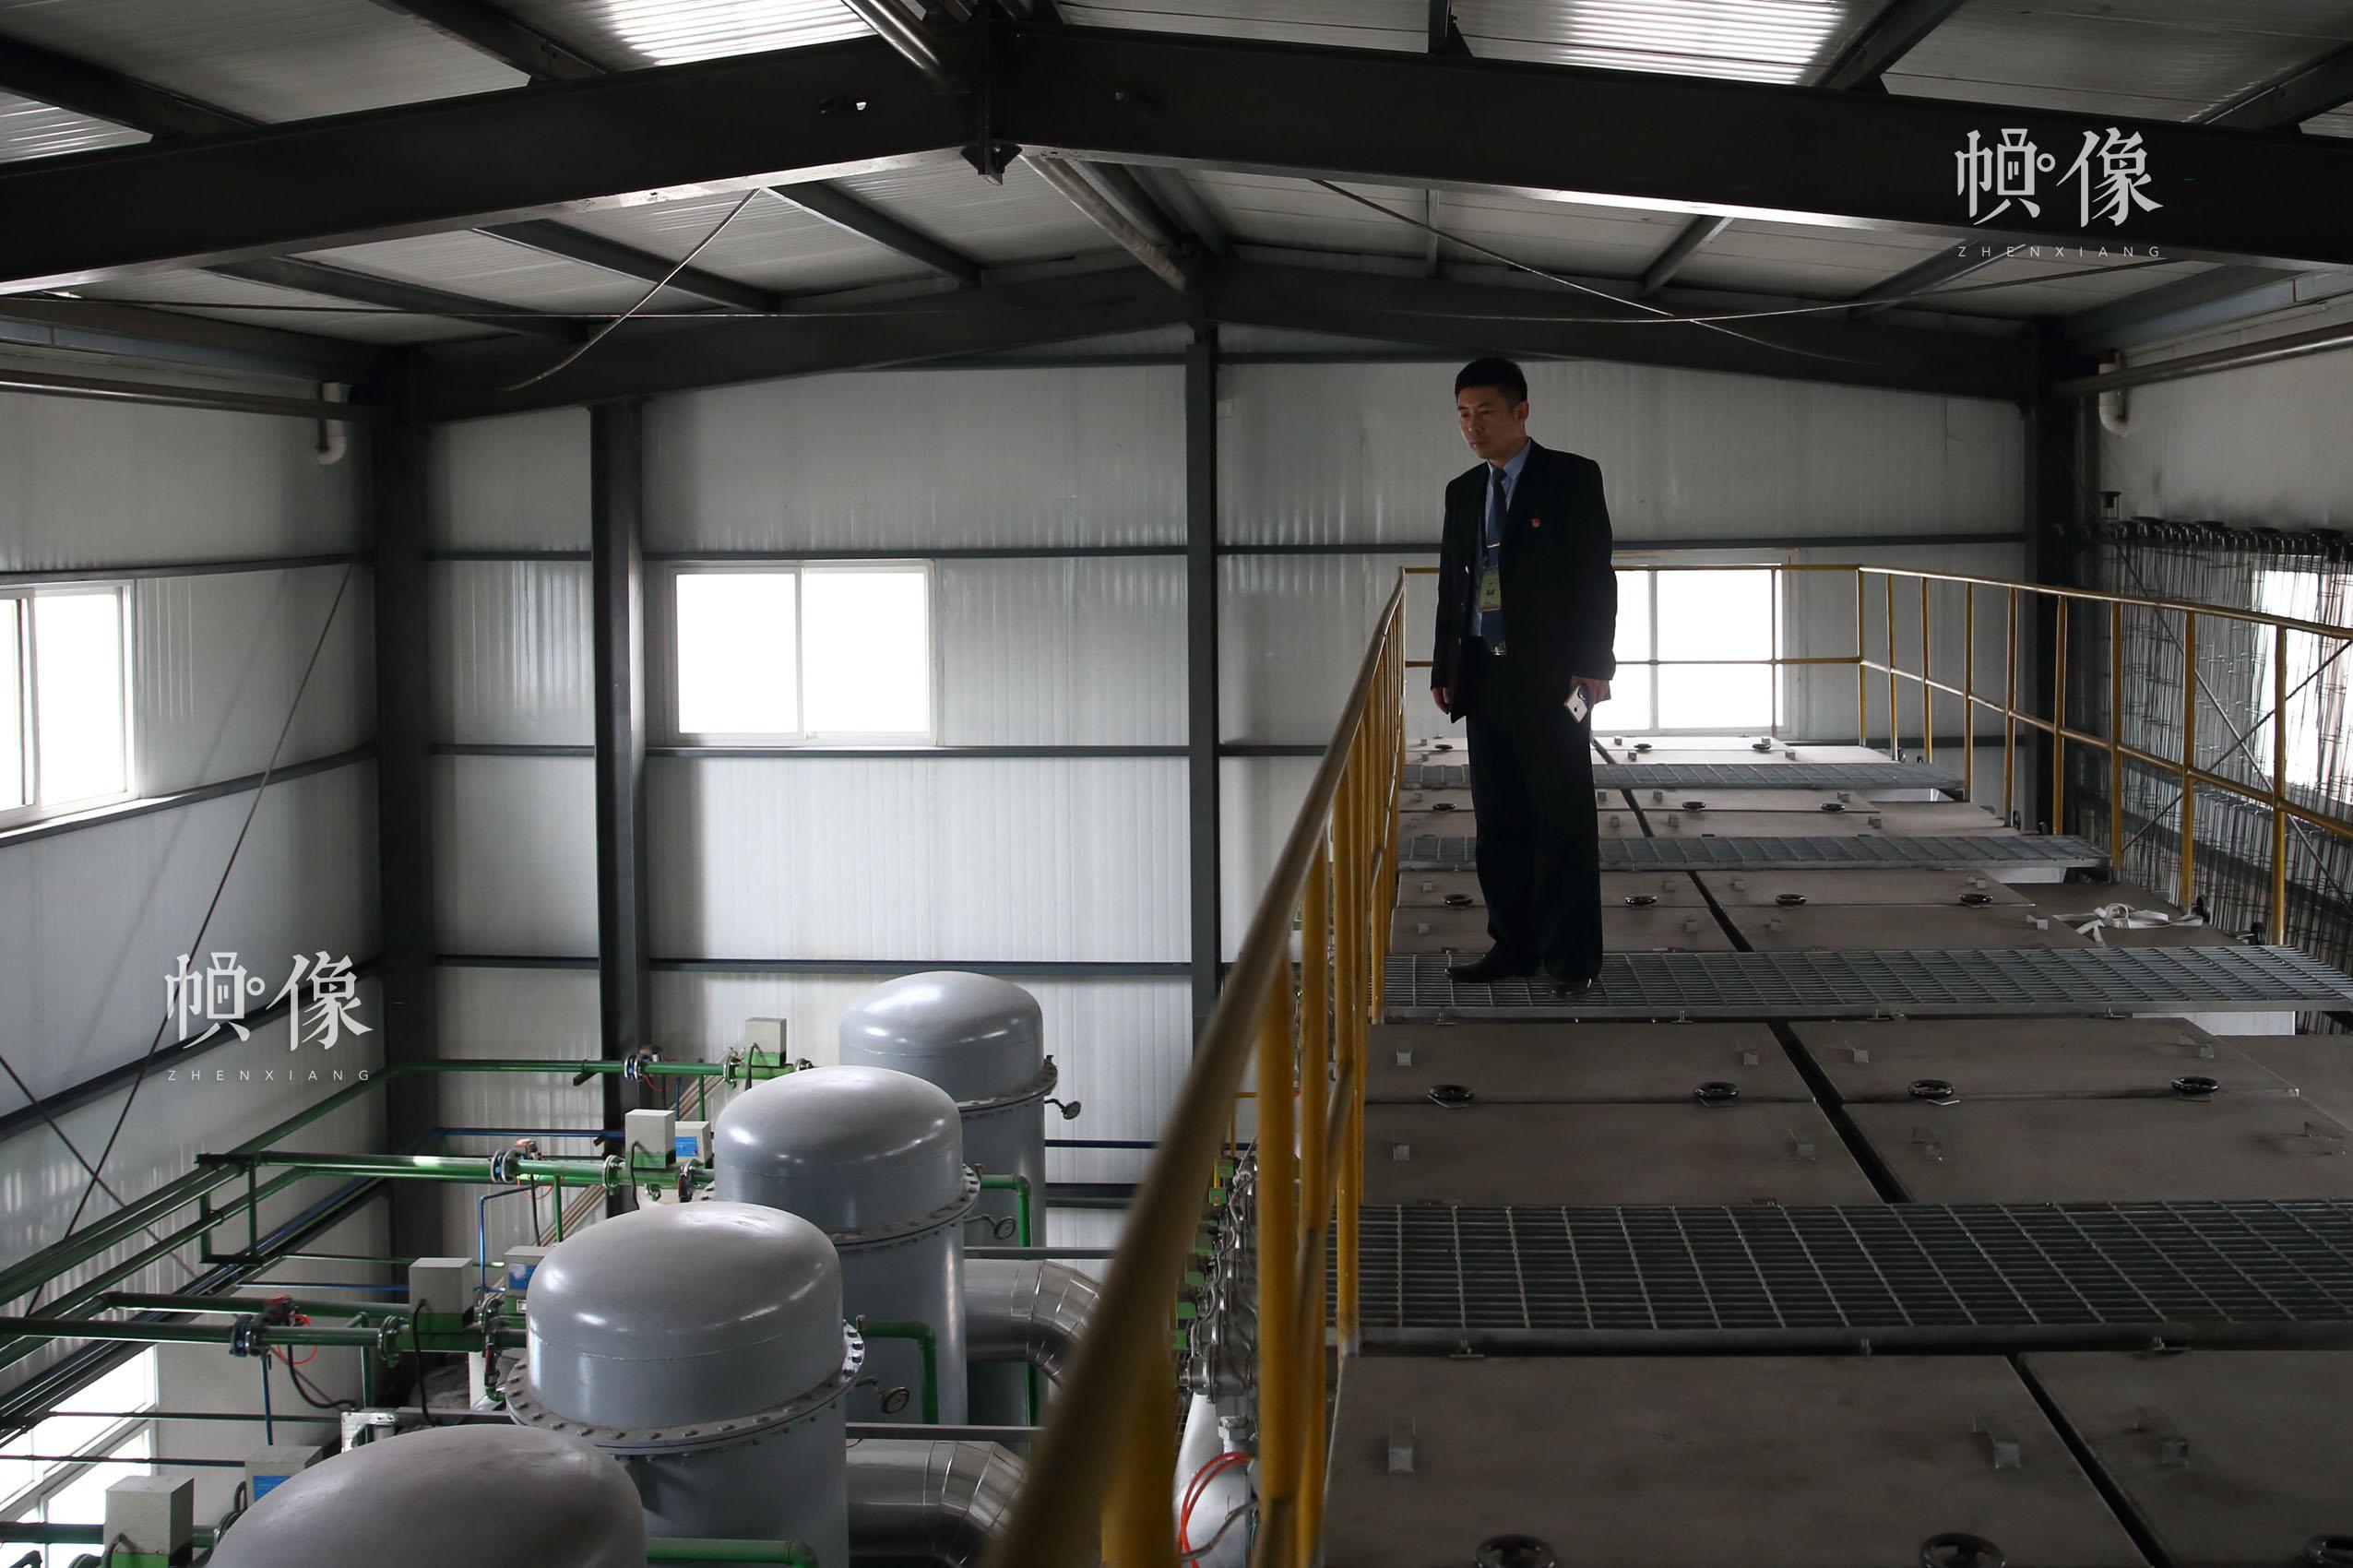 北京八寶山殯儀館火化室副主任魏童檢查火化爐系統內部運作情況。中國網記者 陳維松 攝